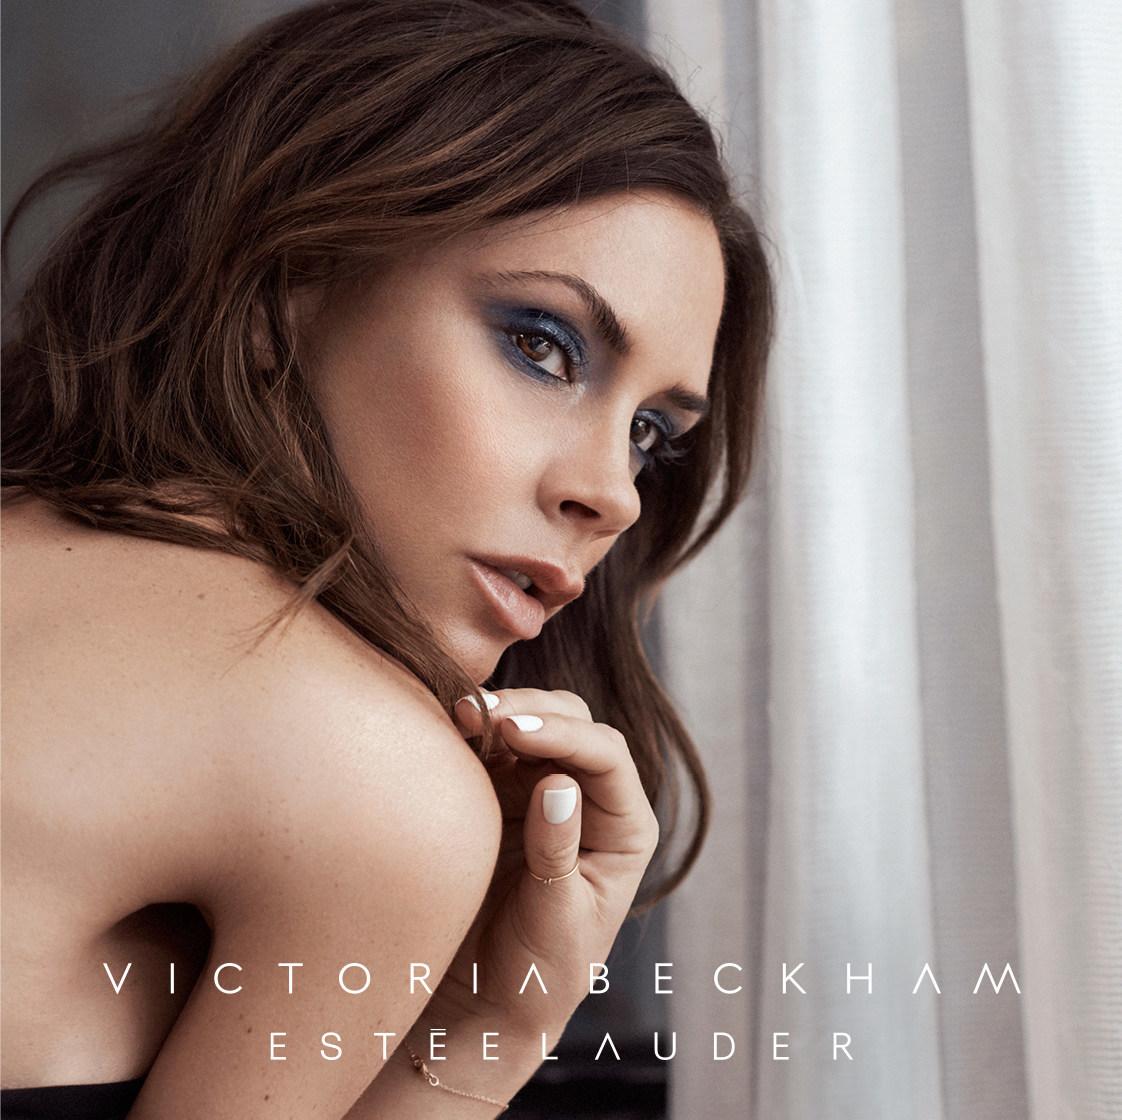 Estée Lauder Reveals Campaign for Second Limited Edition ... Victoria Beckham Estee Lauder